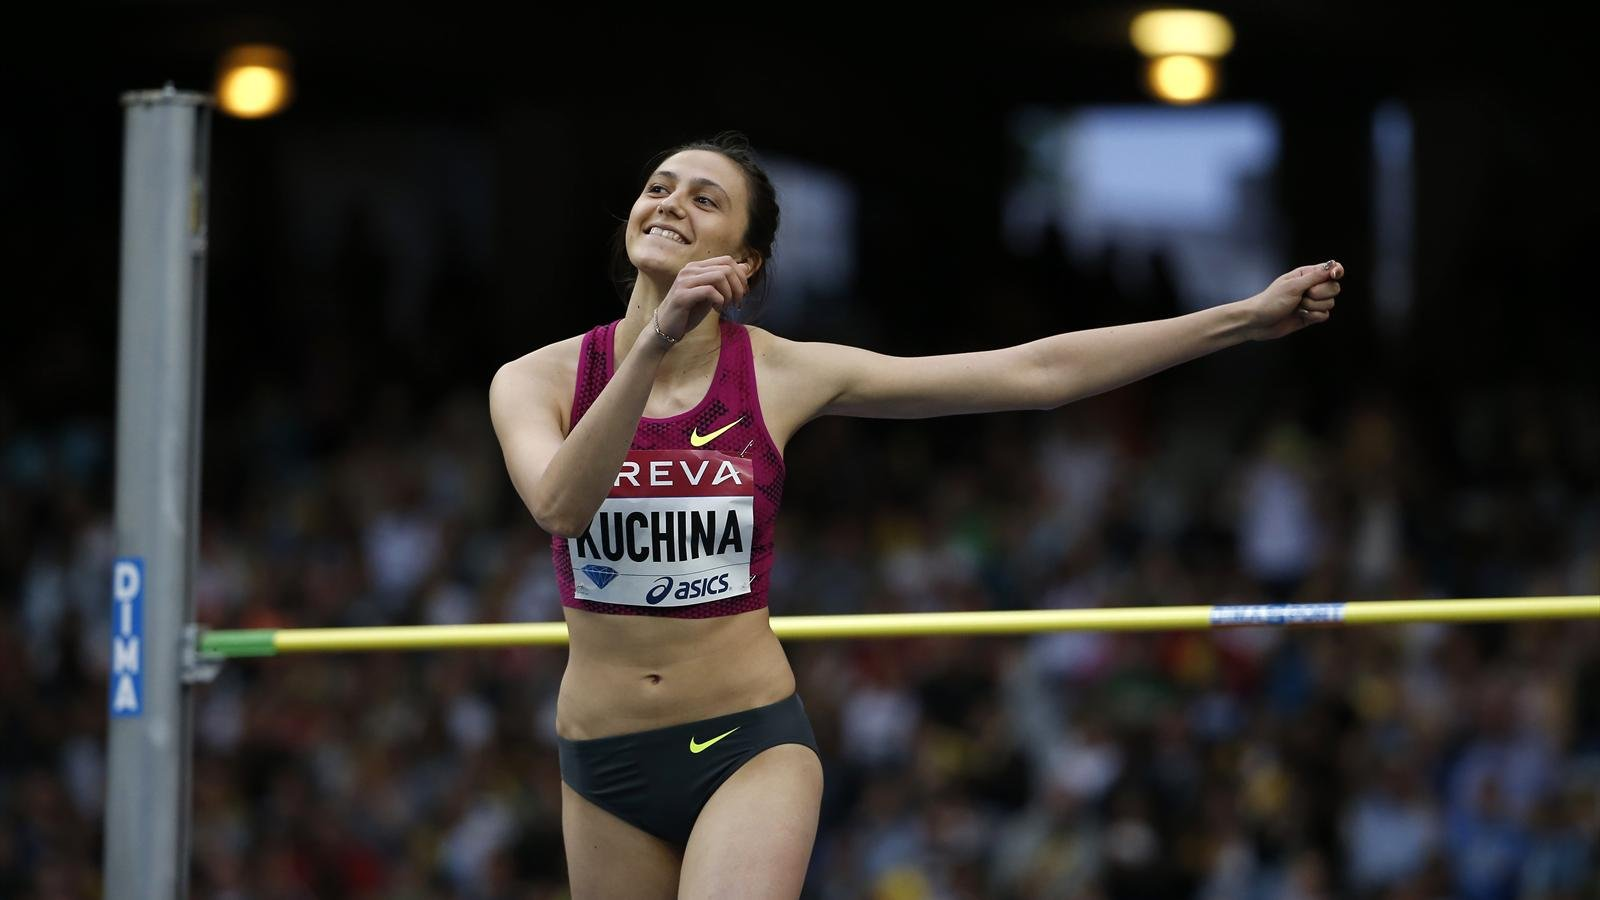 Мария Кучина победила на турнире в Челябинске